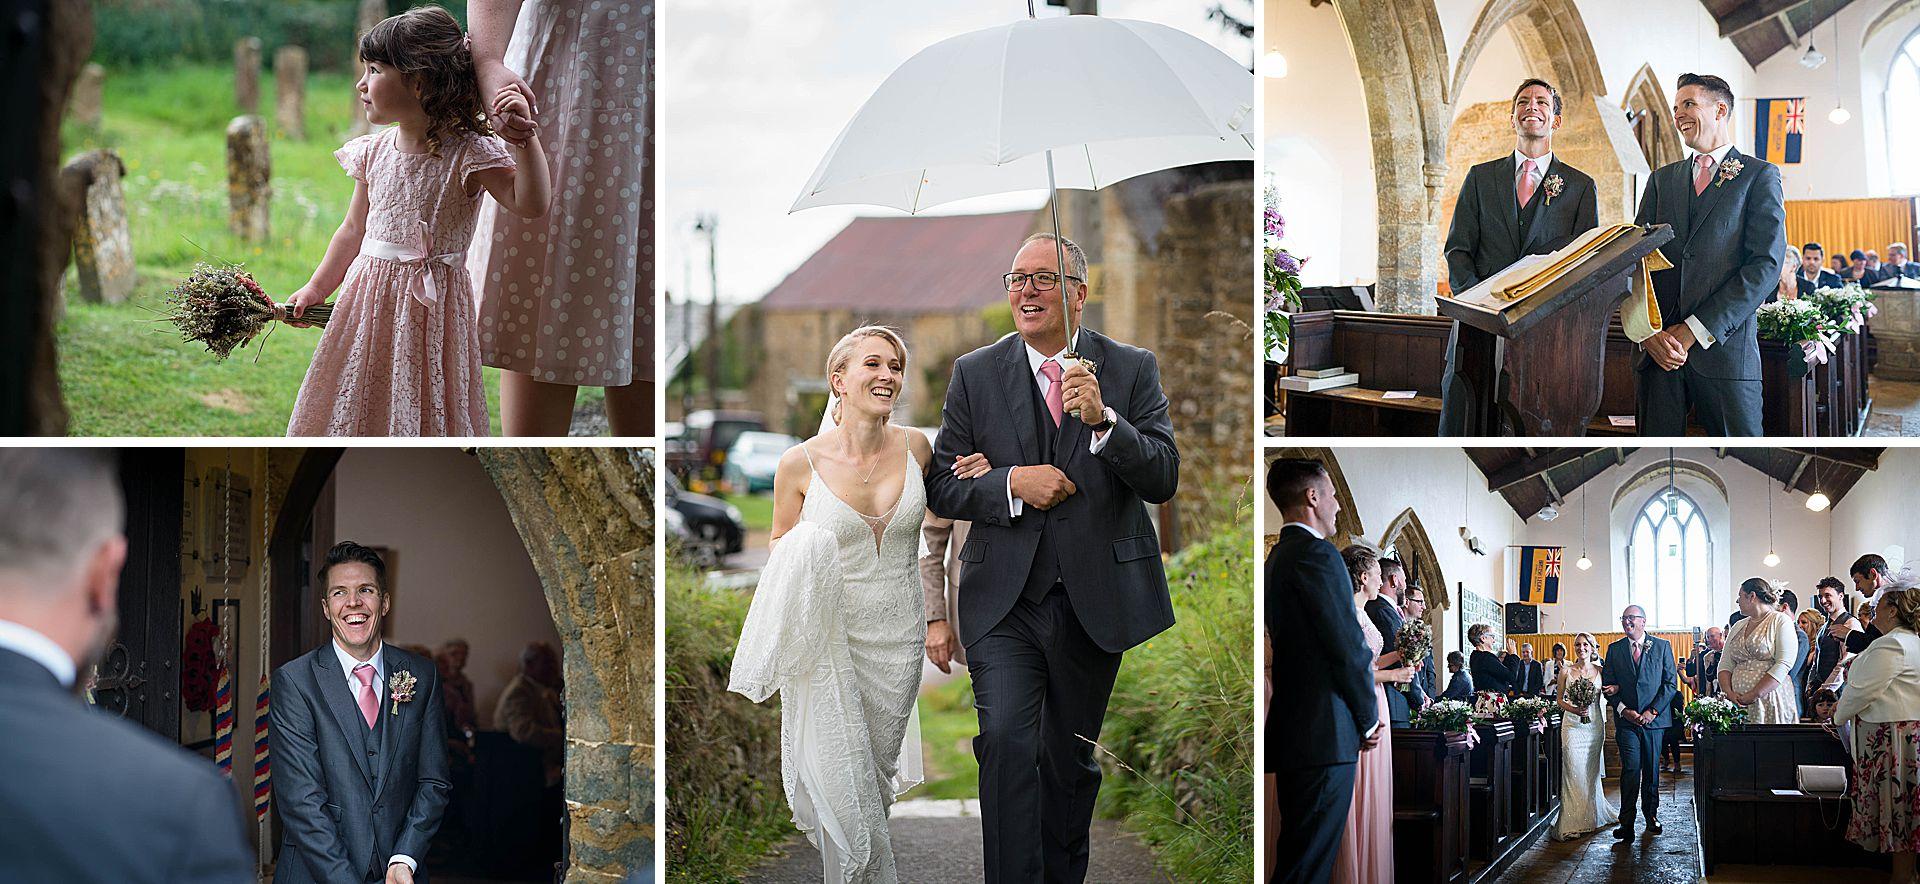 Epwell Wedding Photographer